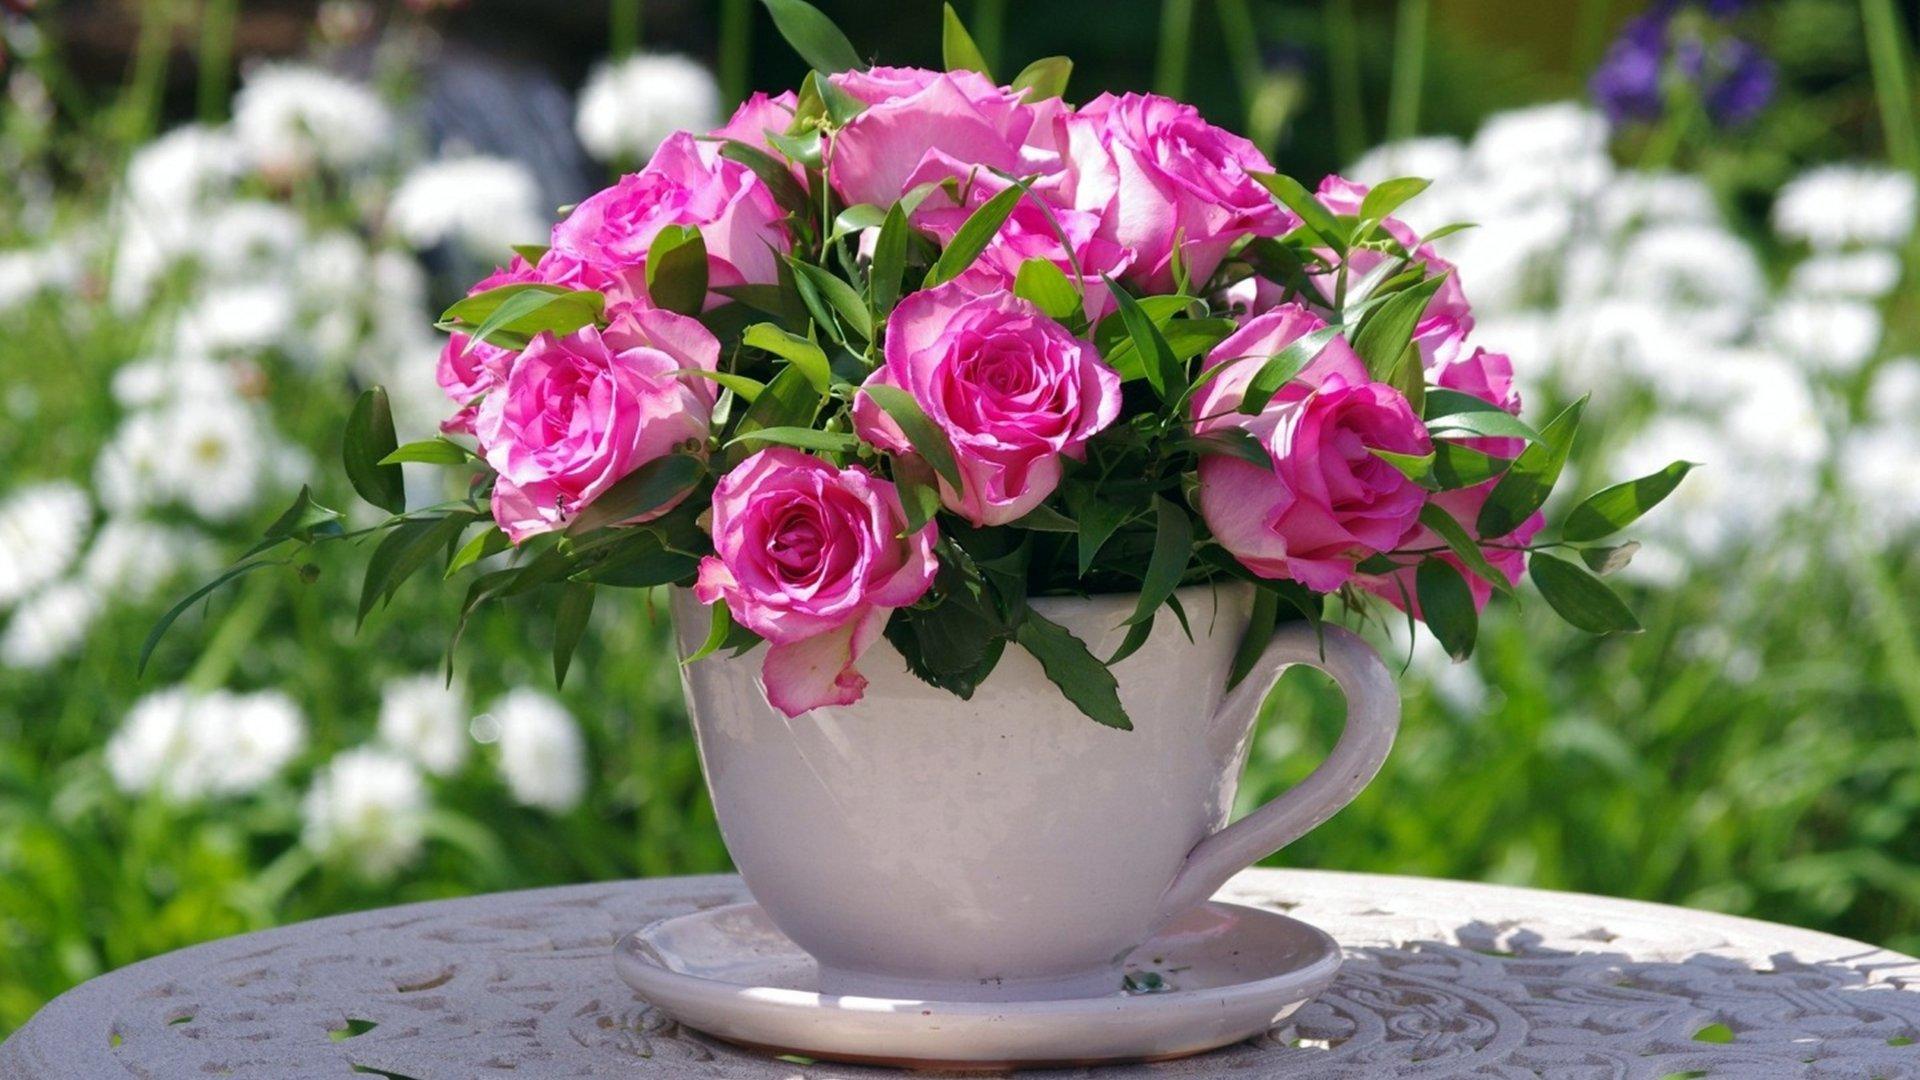 картинки розы букеты большие с добрым утром дома готовим маринару